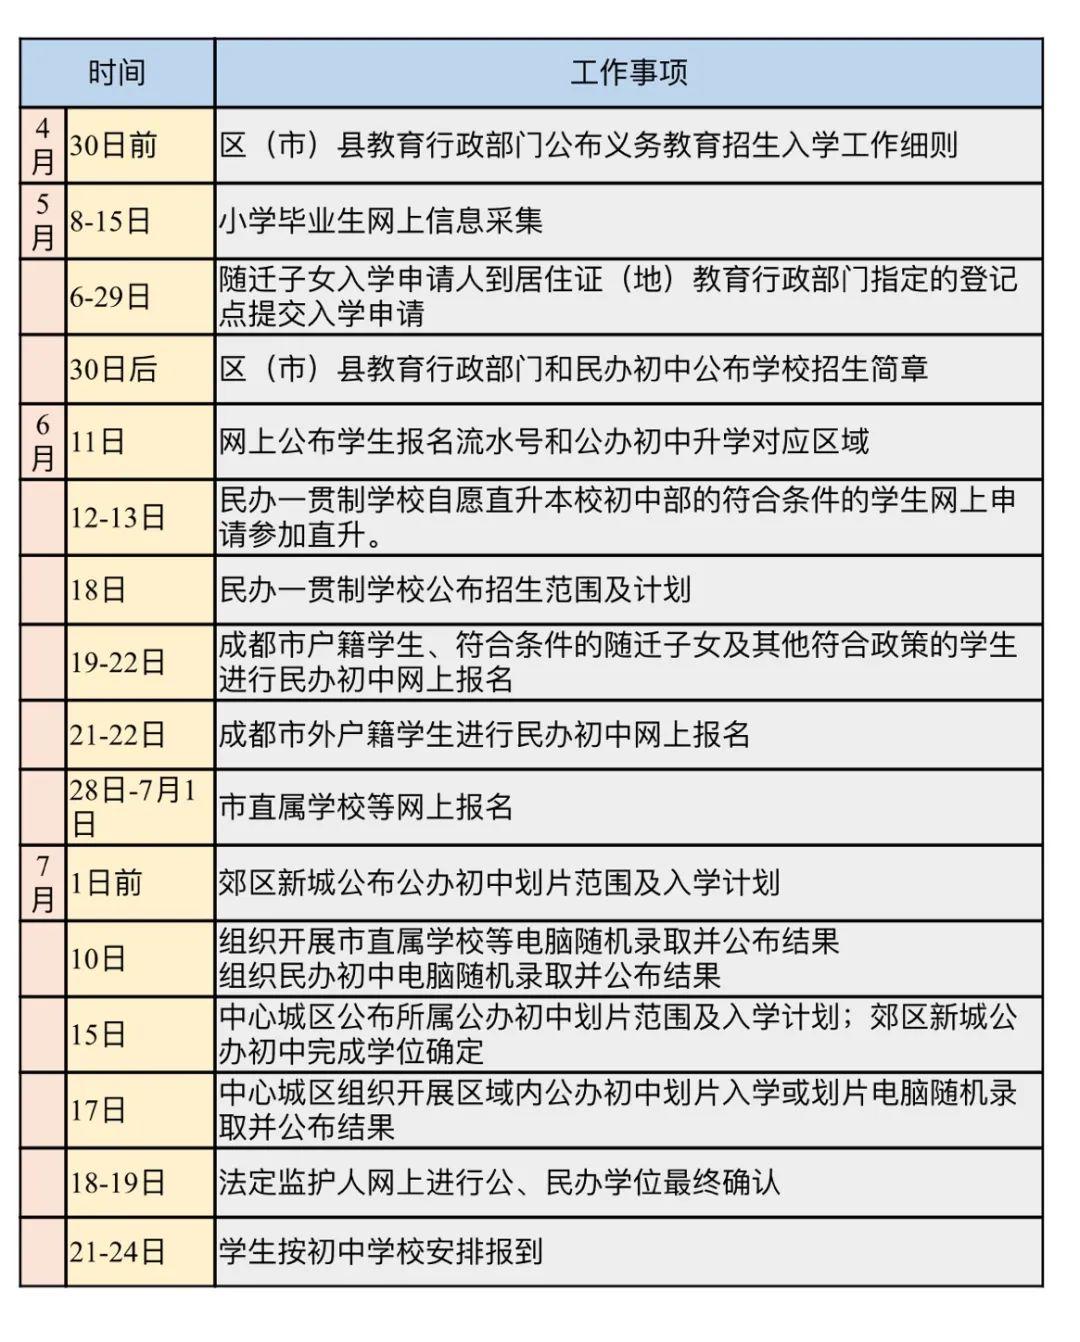 成都市教育局公布2020年义务教育招生入学日程安排